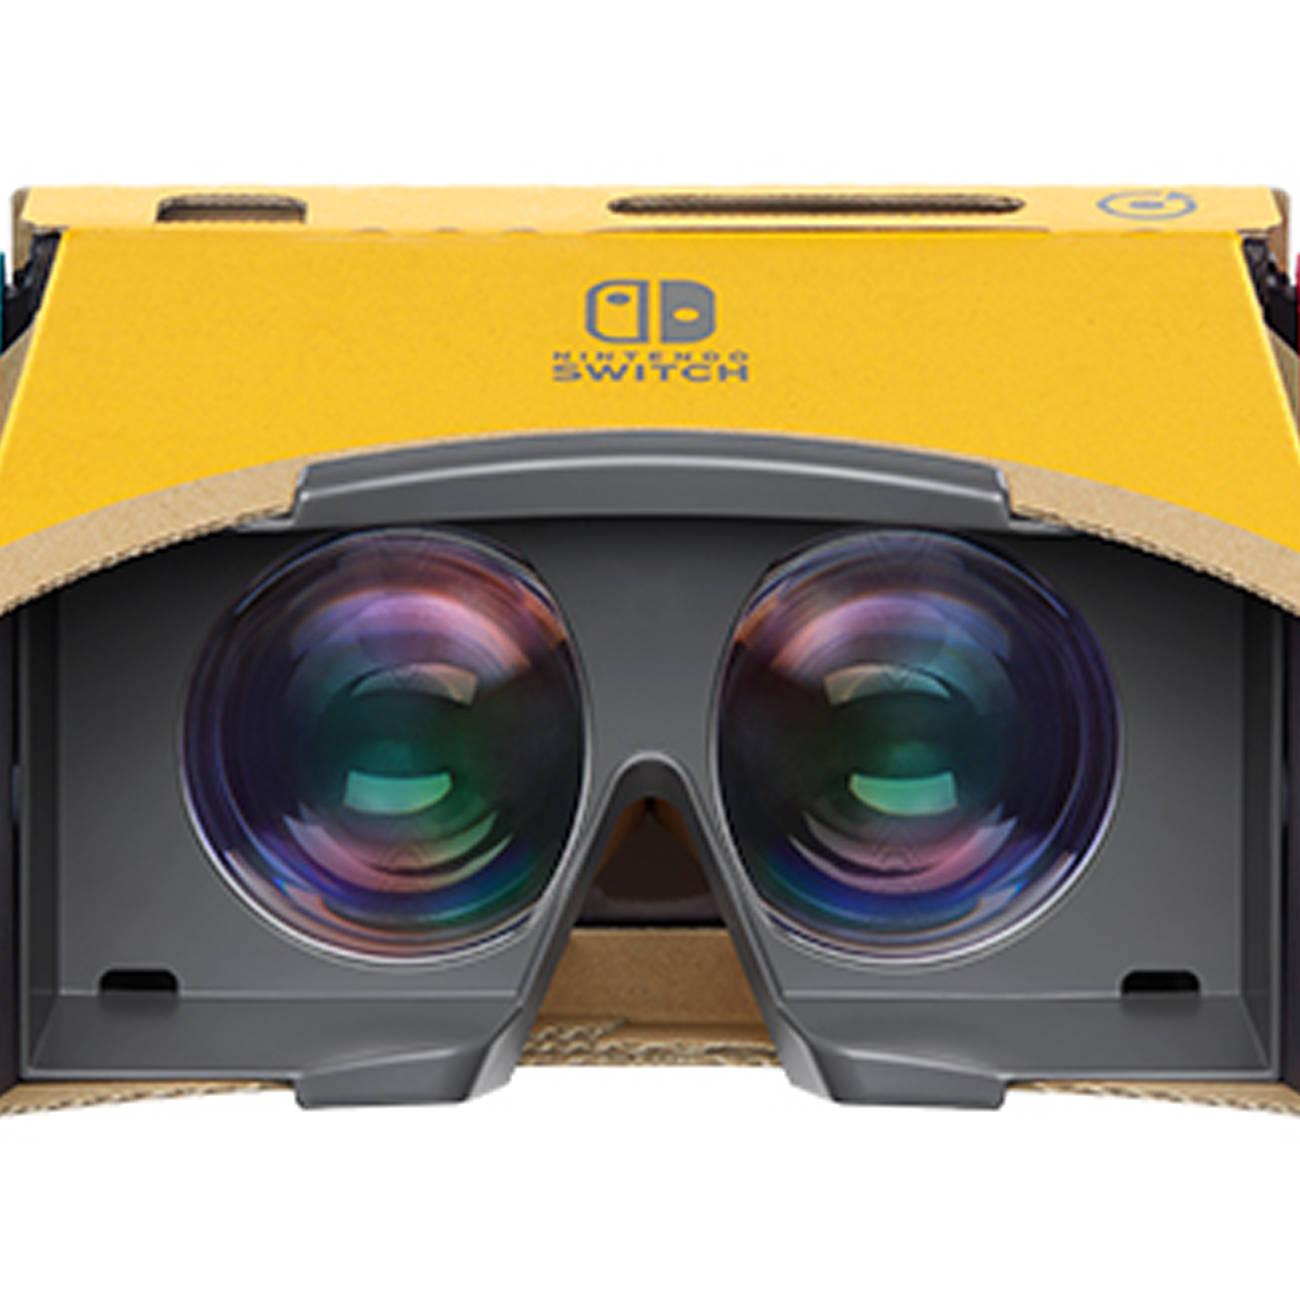 任天堂、VR。レンズ付きゴーグル手に操作する仕様